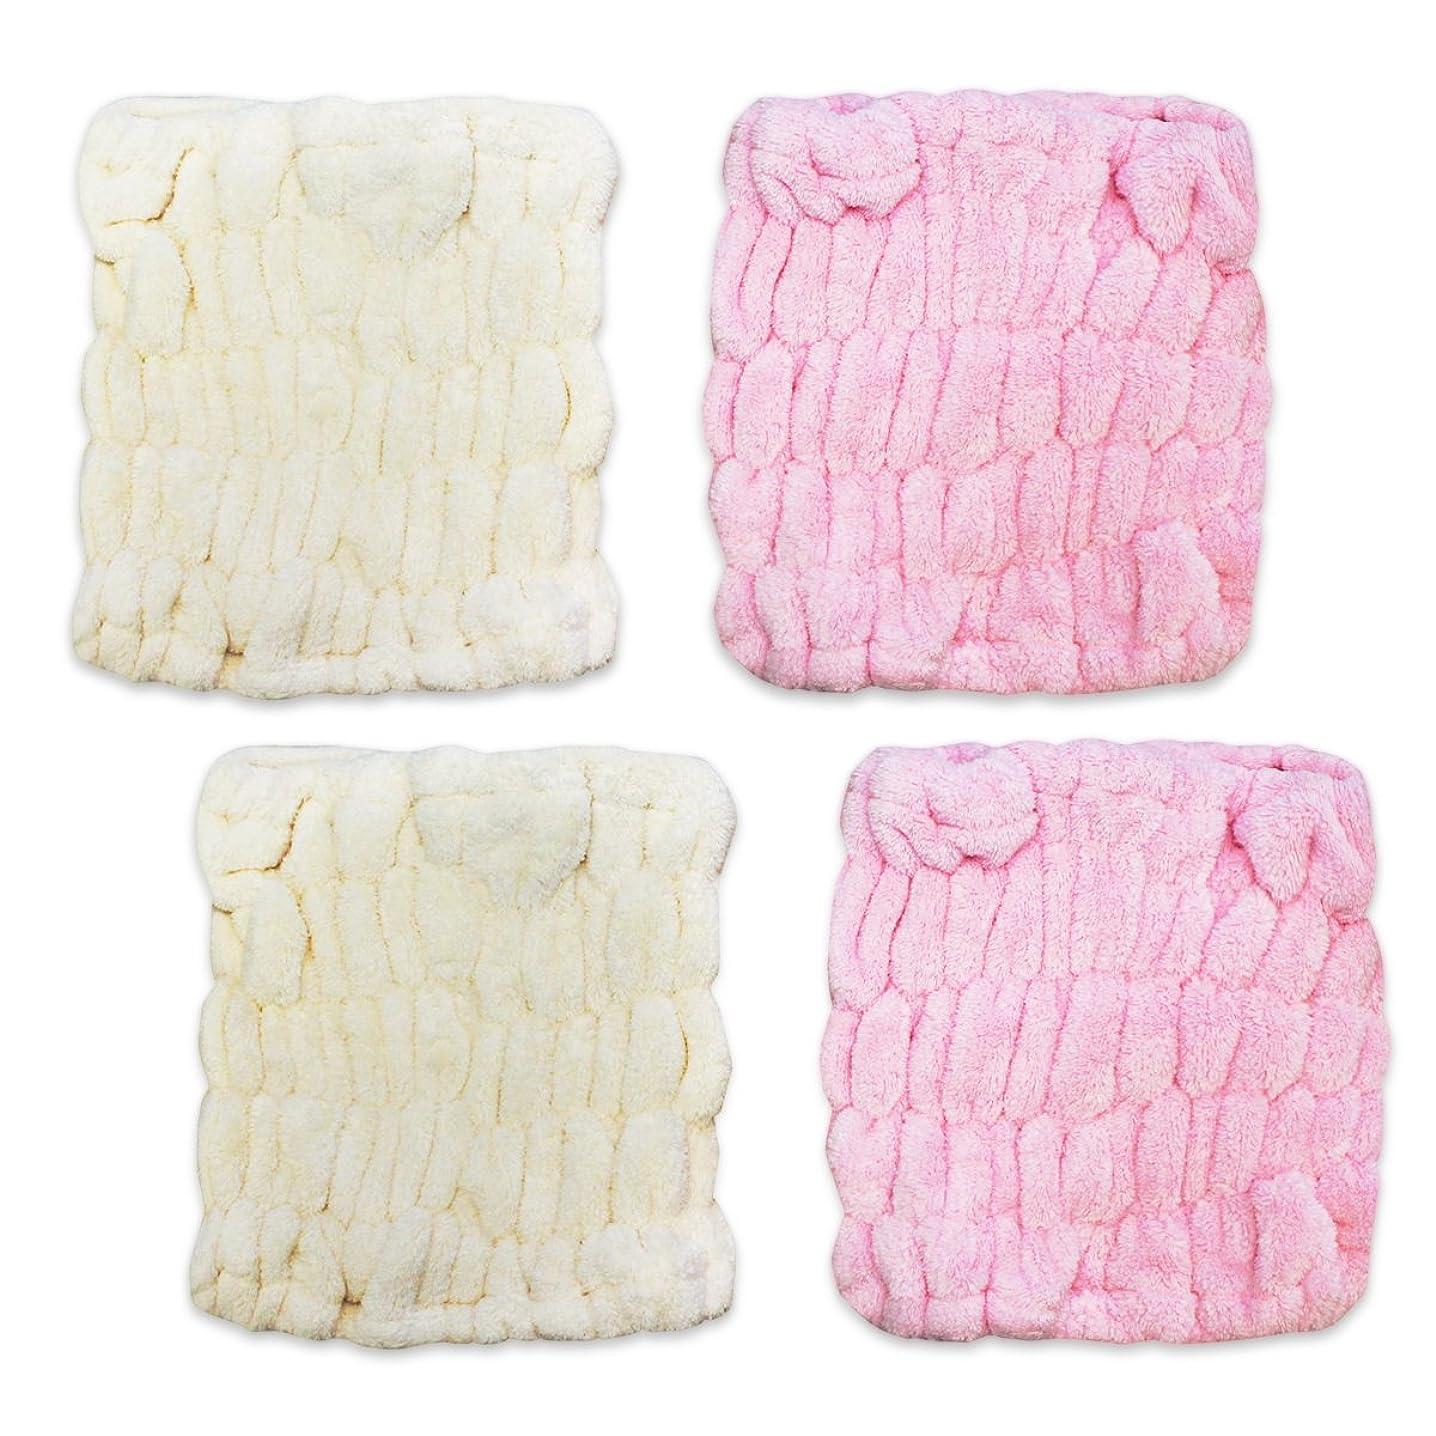 息を切らして起点教育ふんわり 柔らか マイクロ ファイバー 吸水 ヘアターバン 2色 4枚組(ピンク&アイボリー)